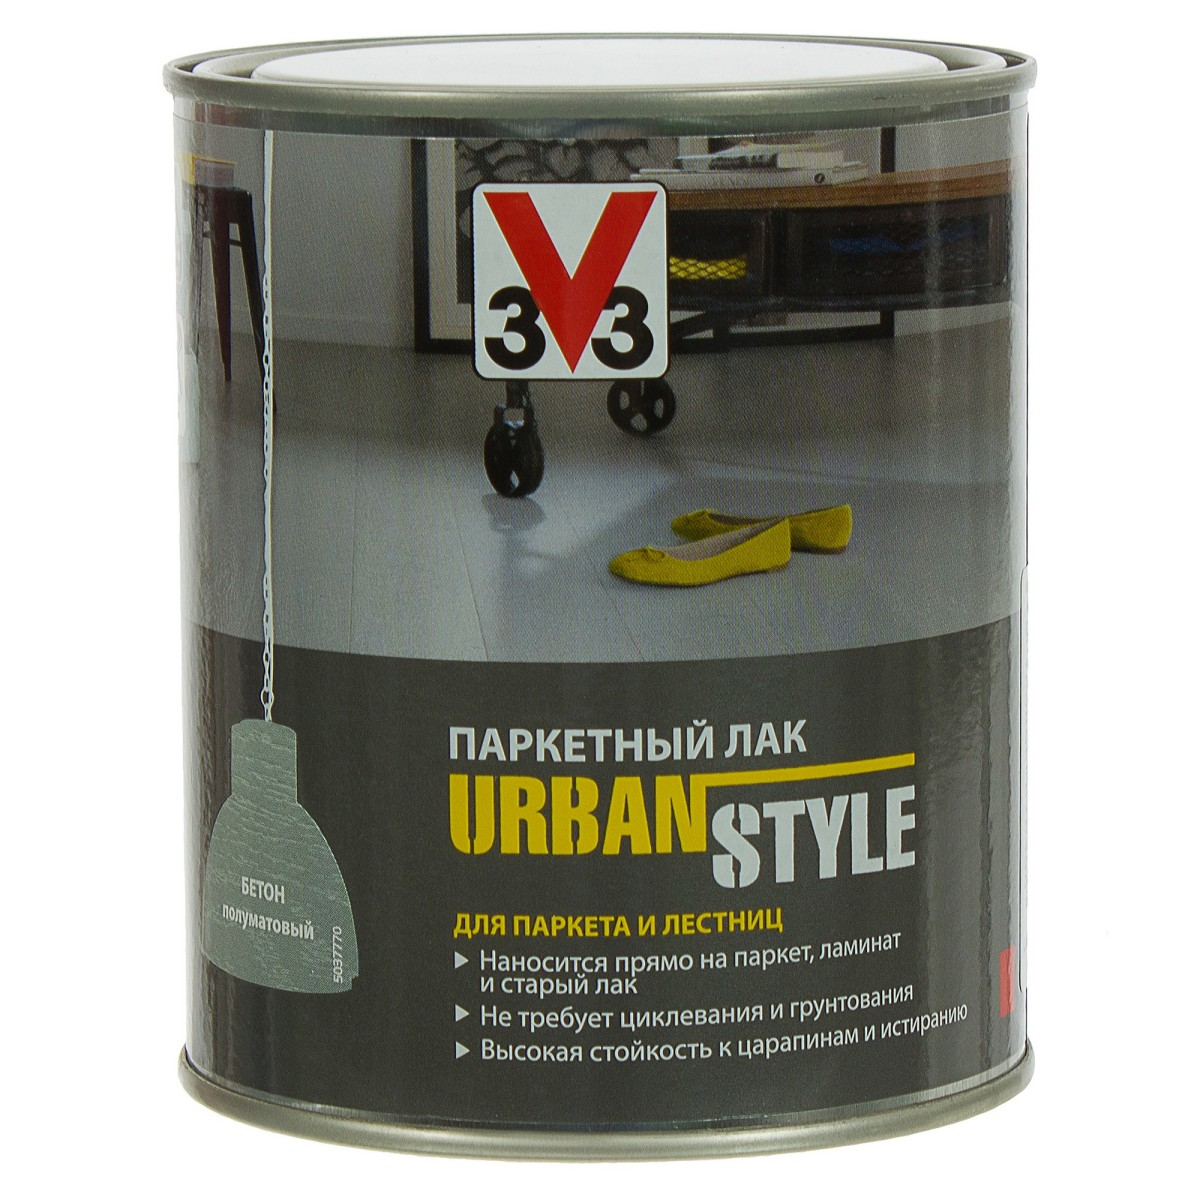 Лак Urban style V33 цвет бетона 0.75 л